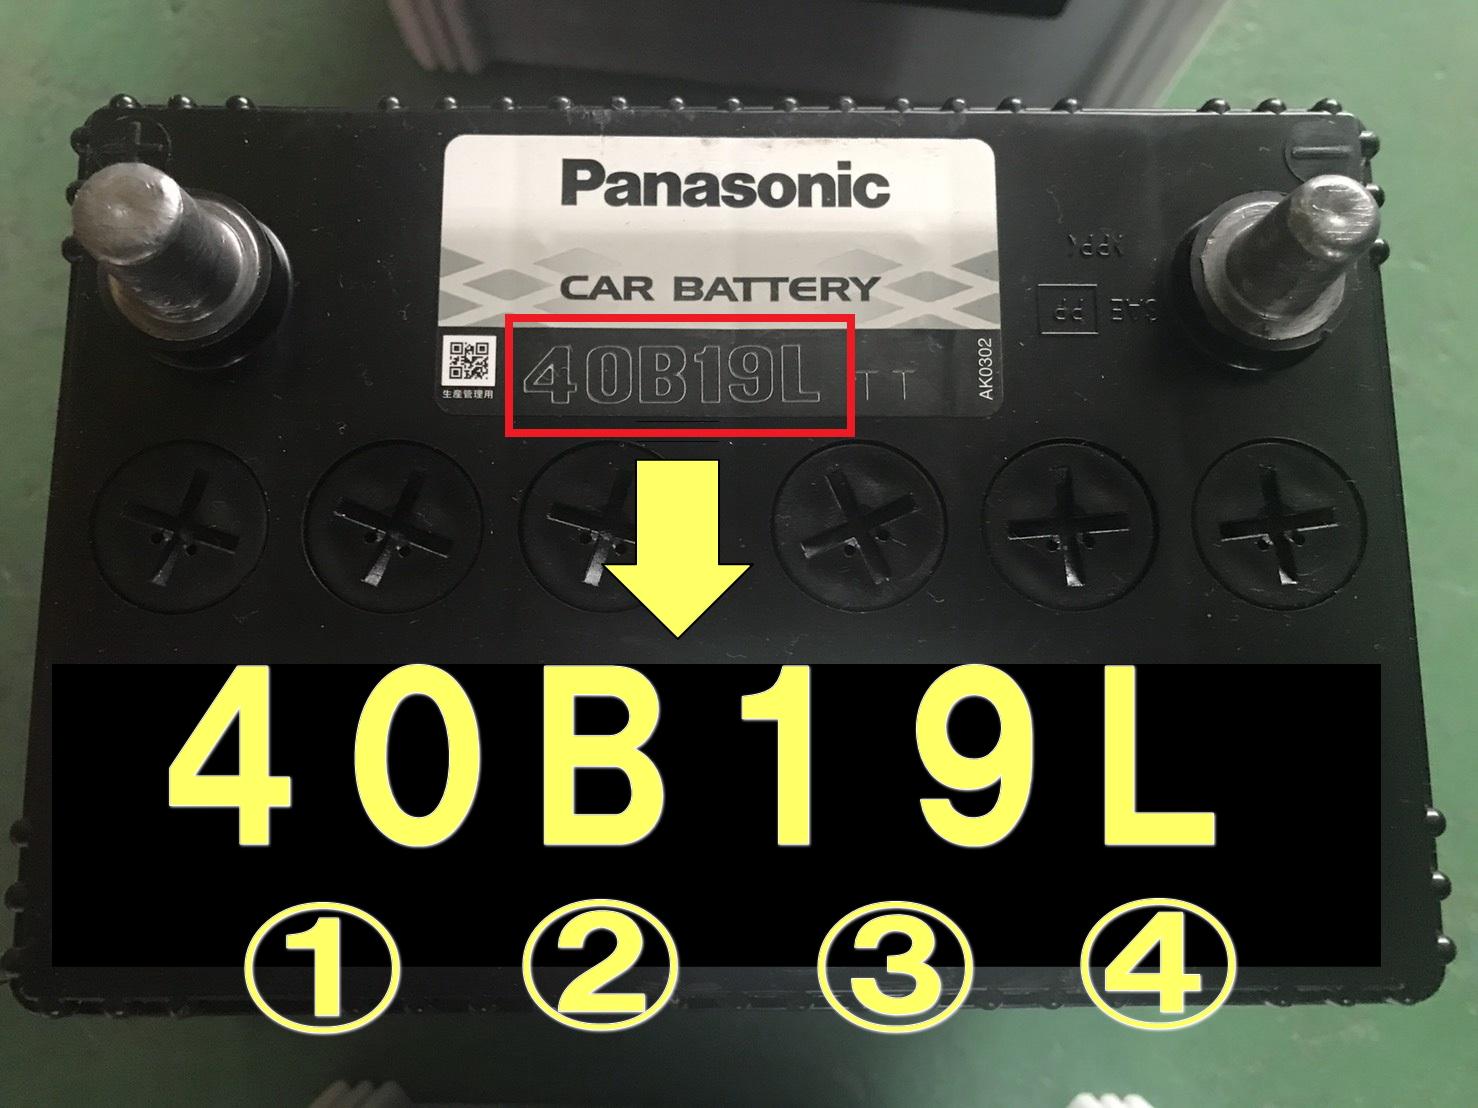 車用バッテリーのサイズ(型番)の見方・調べ方と、その意味